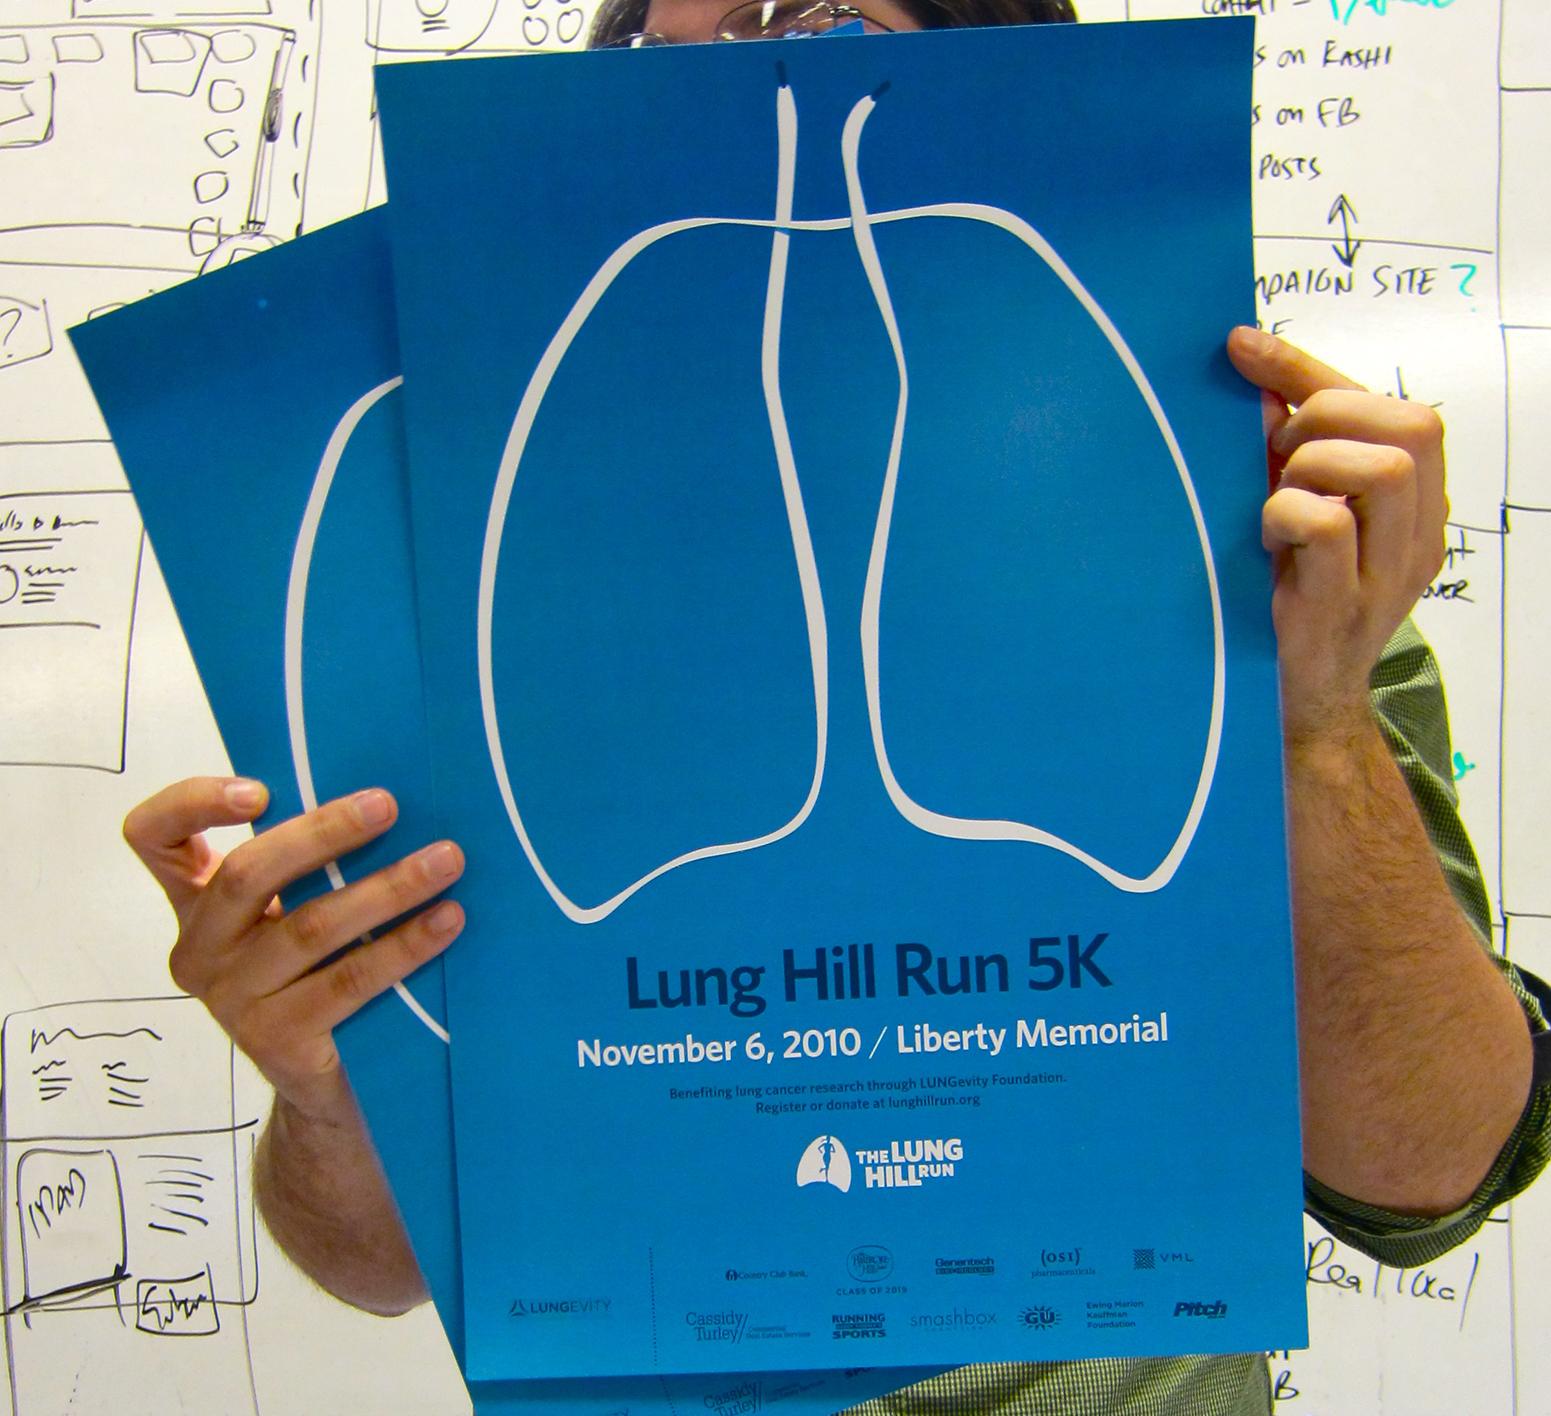 LungHillRun_Poster.jpg